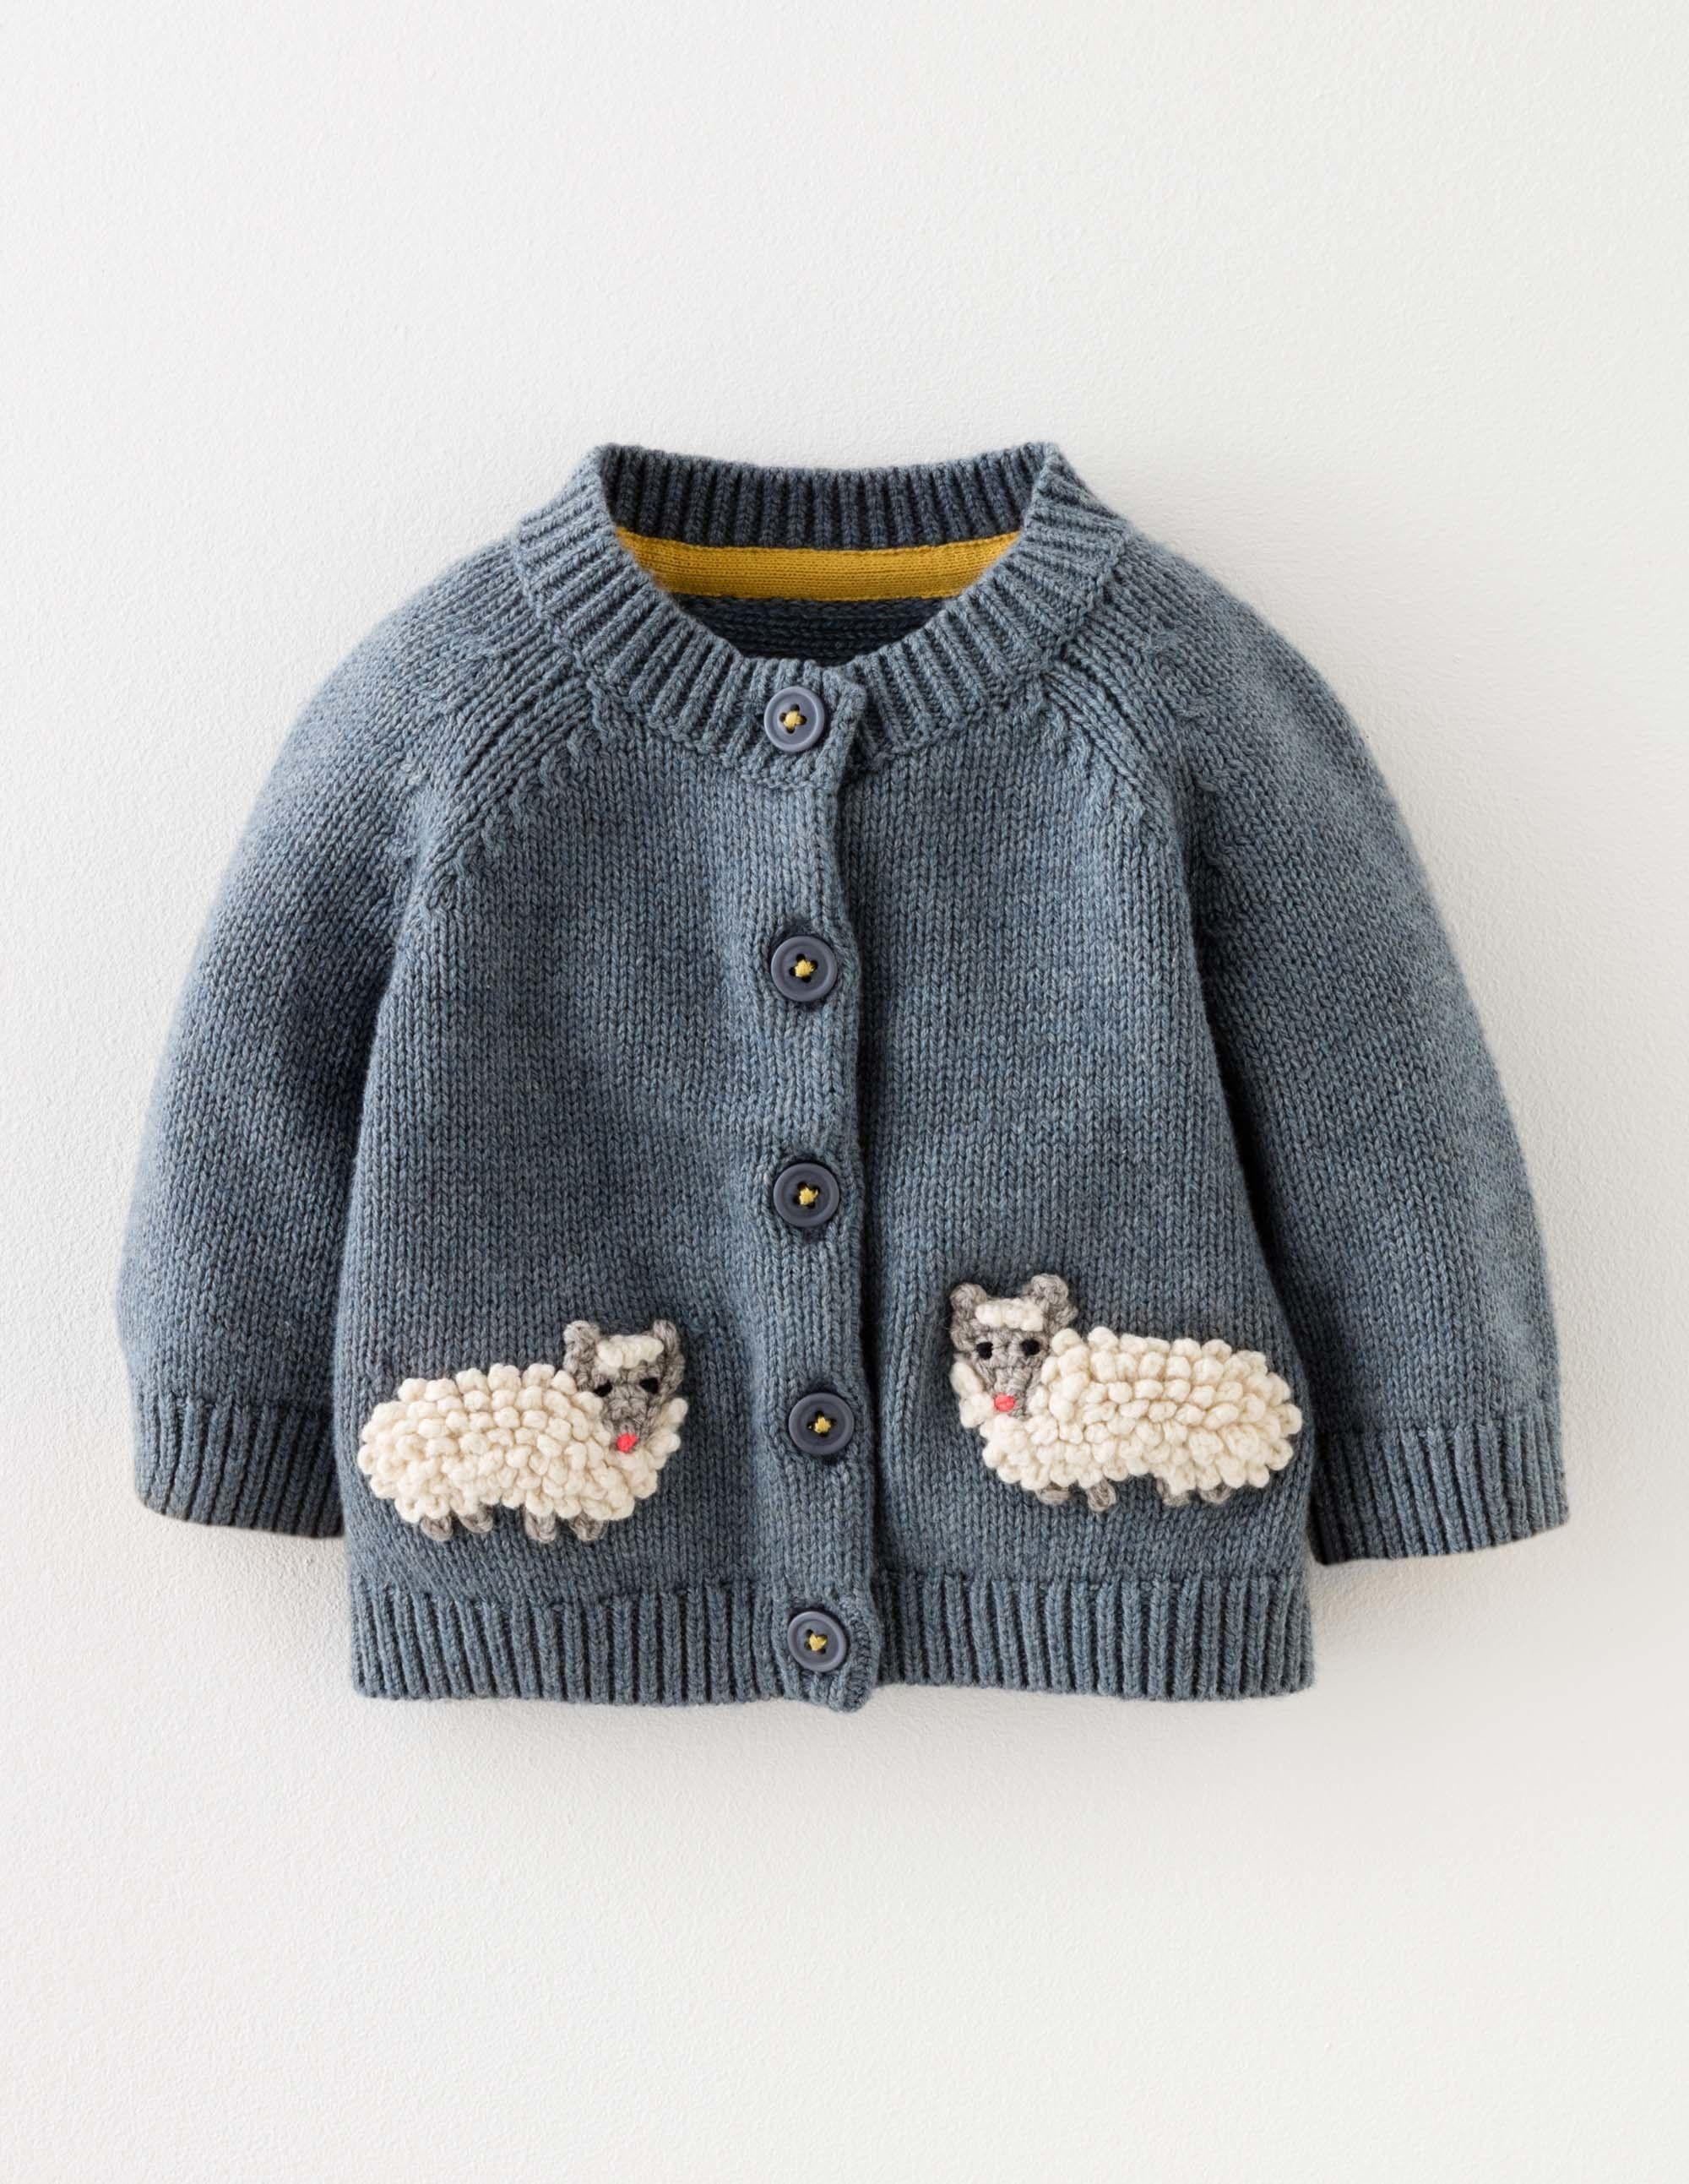 cardigan mit schafmotiv emilia jeanne pinterest stricken baby und baby stricken. Black Bedroom Furniture Sets. Home Design Ideas